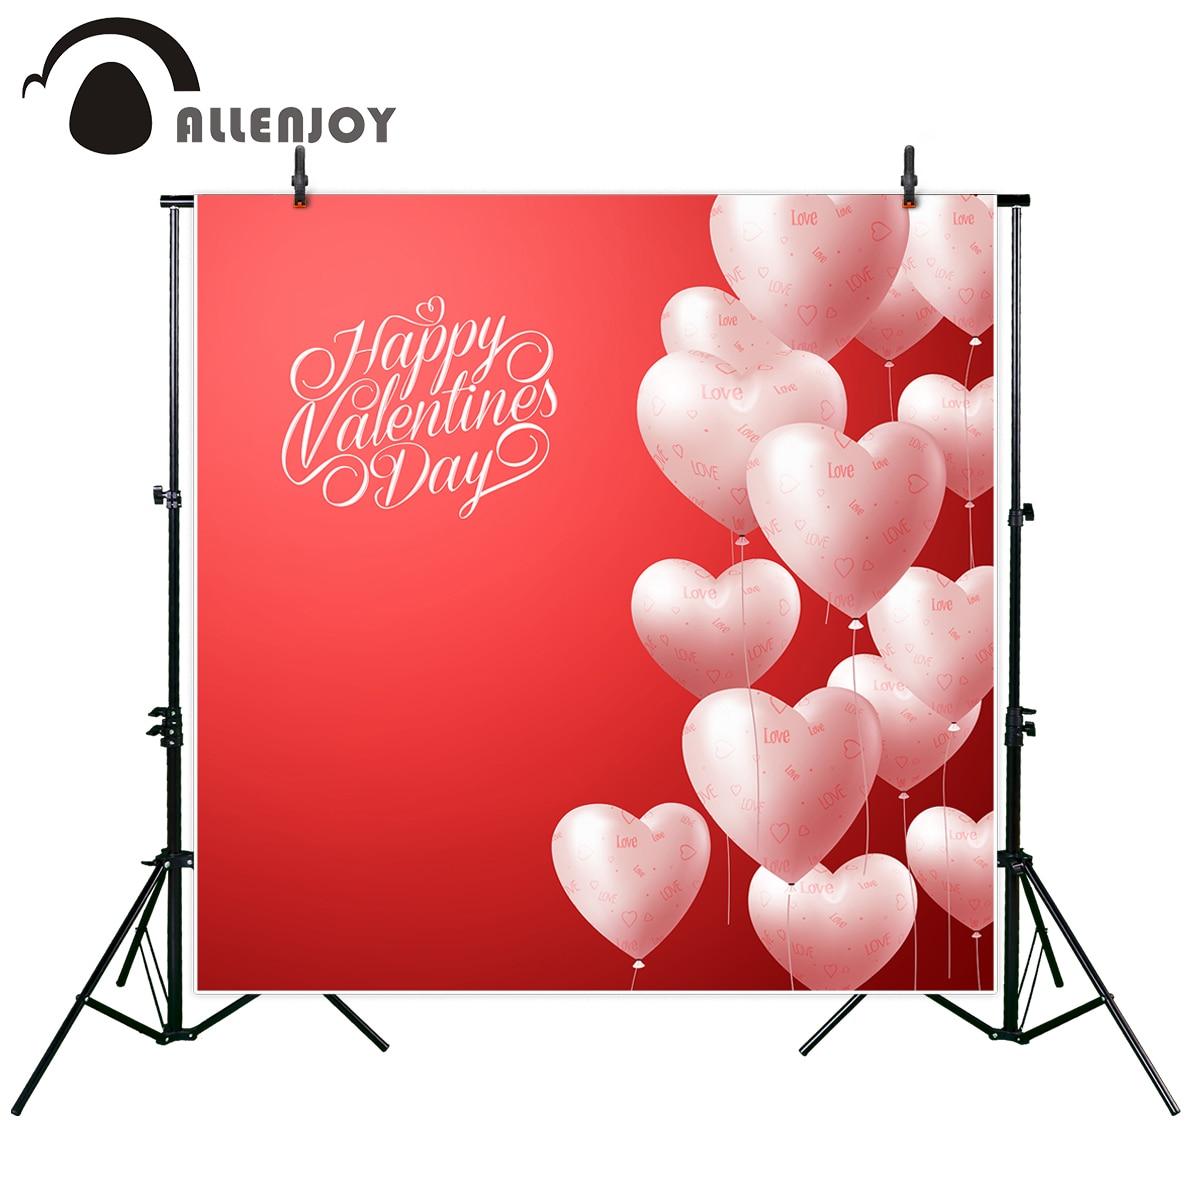 Allenjoy Vinyl Foto Mooie Achtergrond 3d Realistische Hart Ballonnen Vliegen In Rode Valentines Dag Achtergrond Photocall Foto Gedrukt Heilzaam Voor Het Sperma